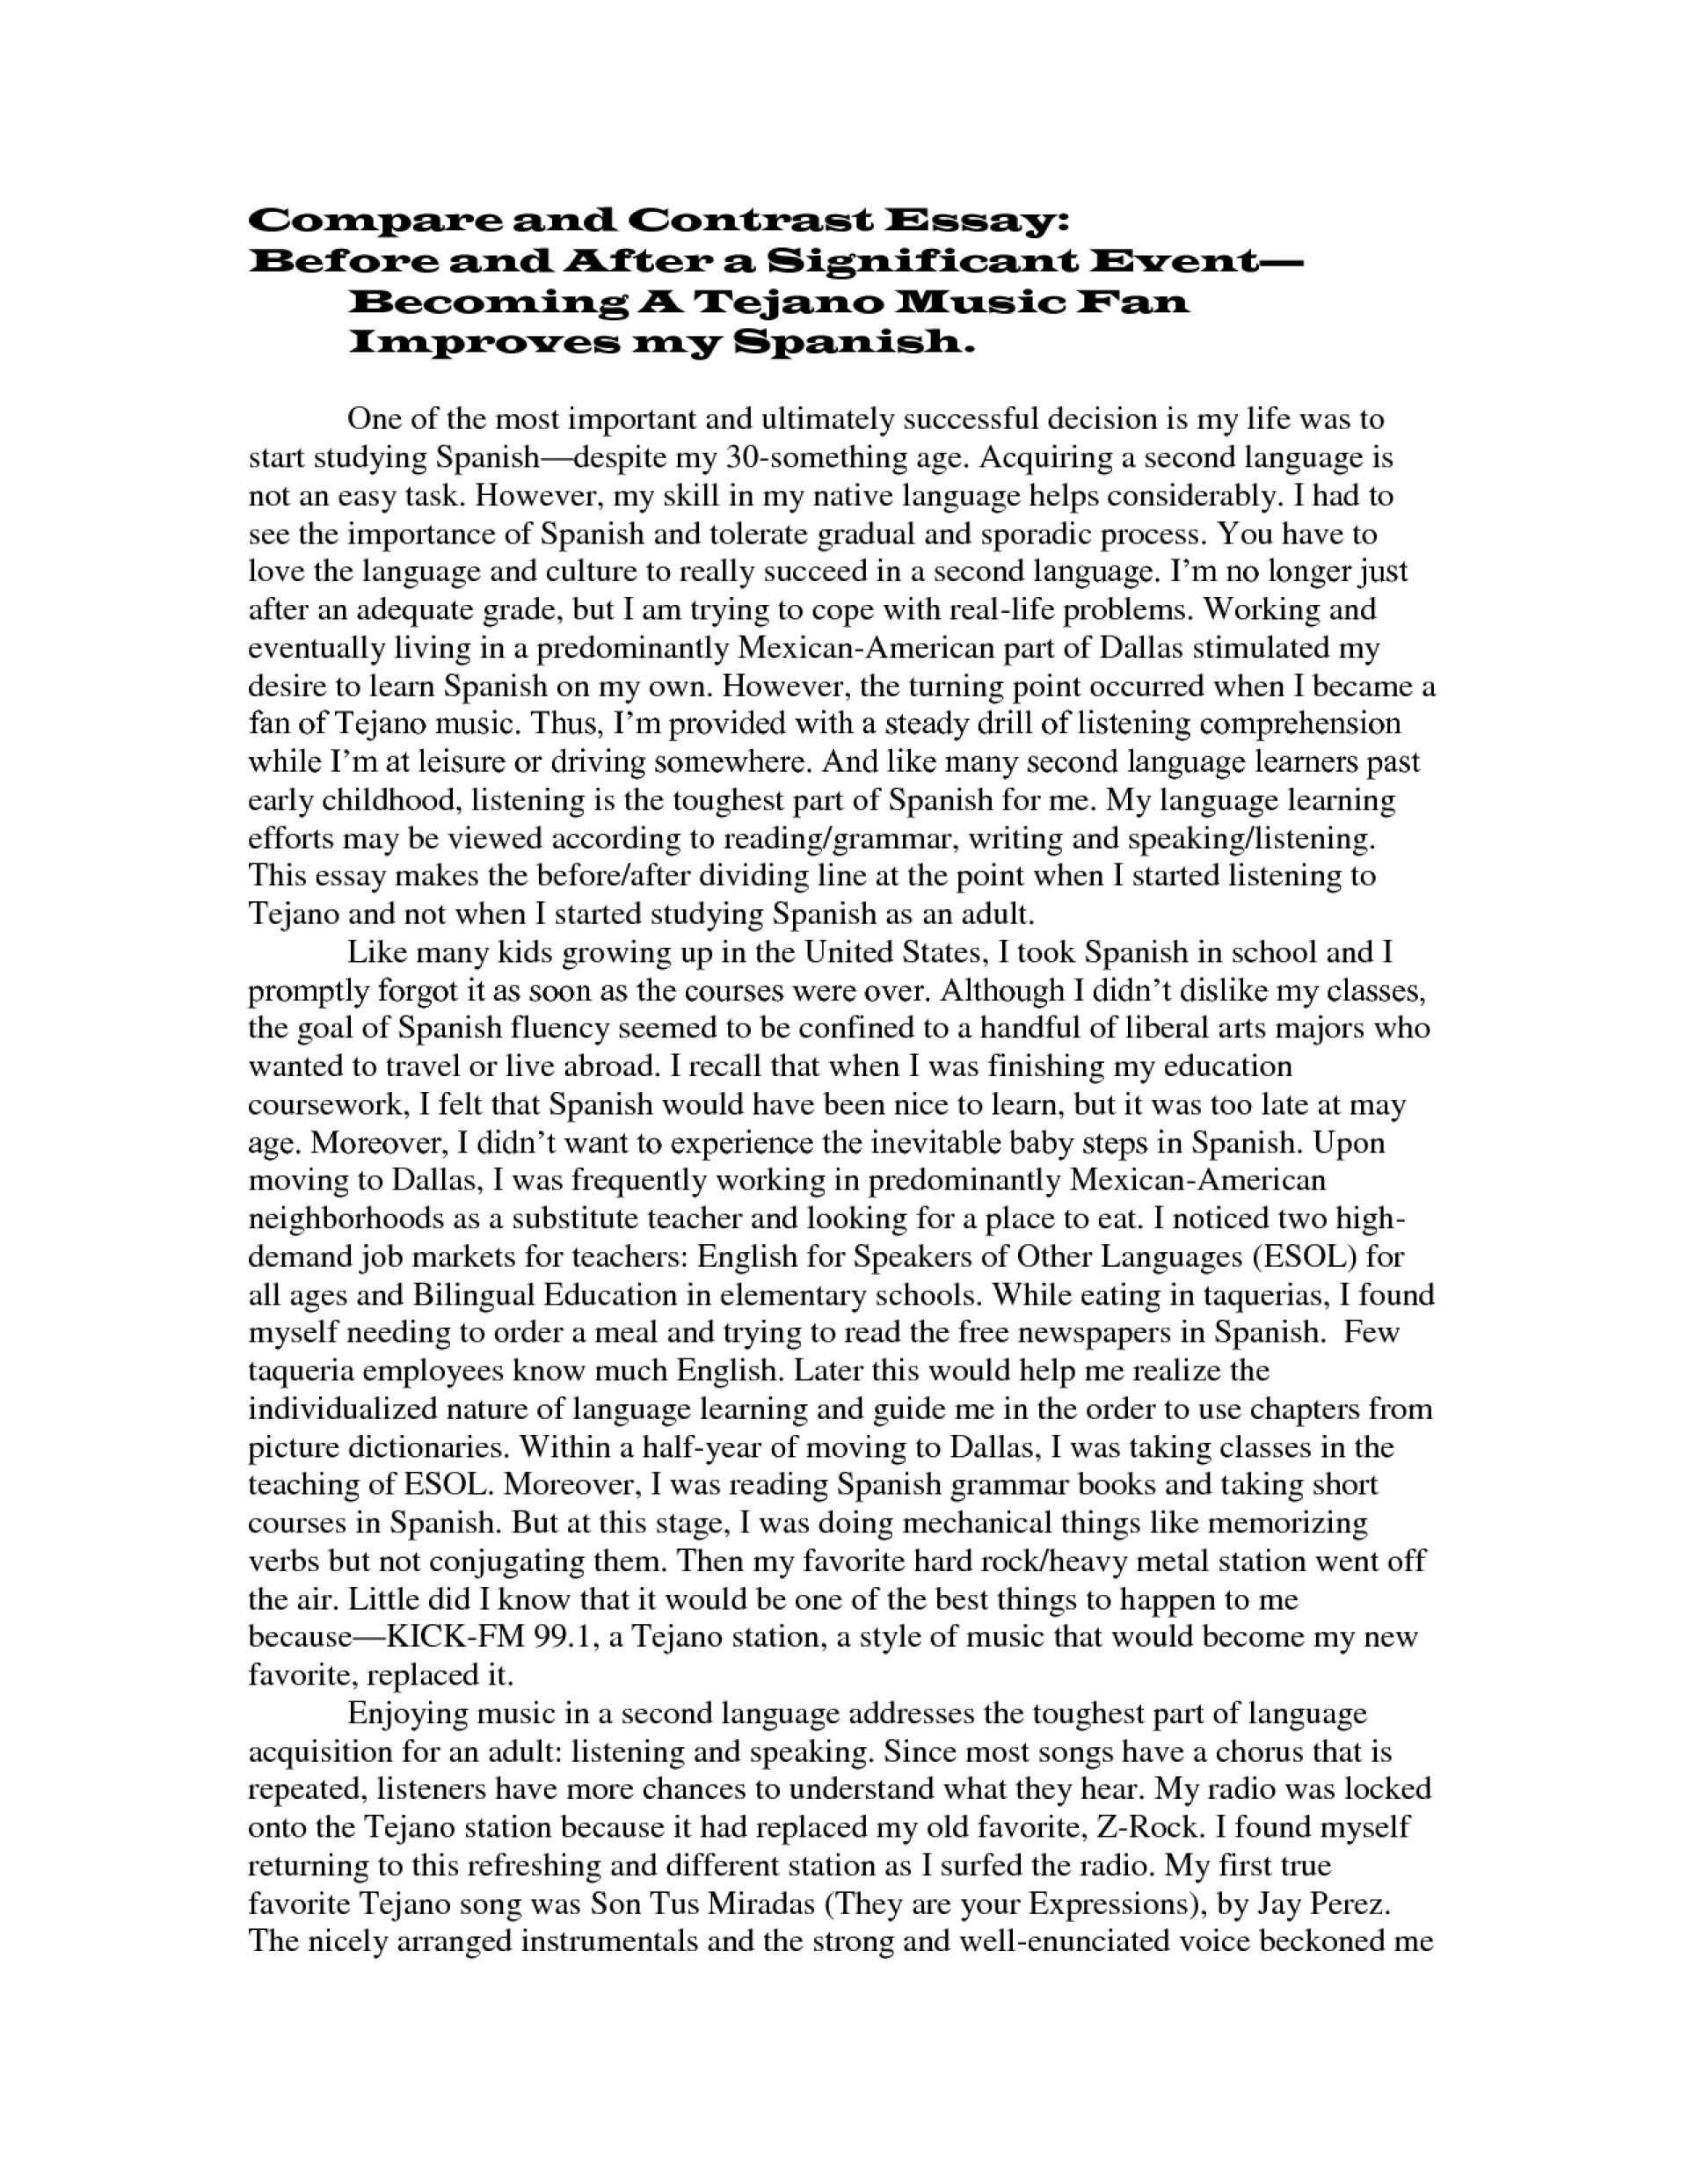 004 Compare Contrast Essays Unusual Essay Examples High School Vs College Comparison Pdf And Topics 6th Grade 1920